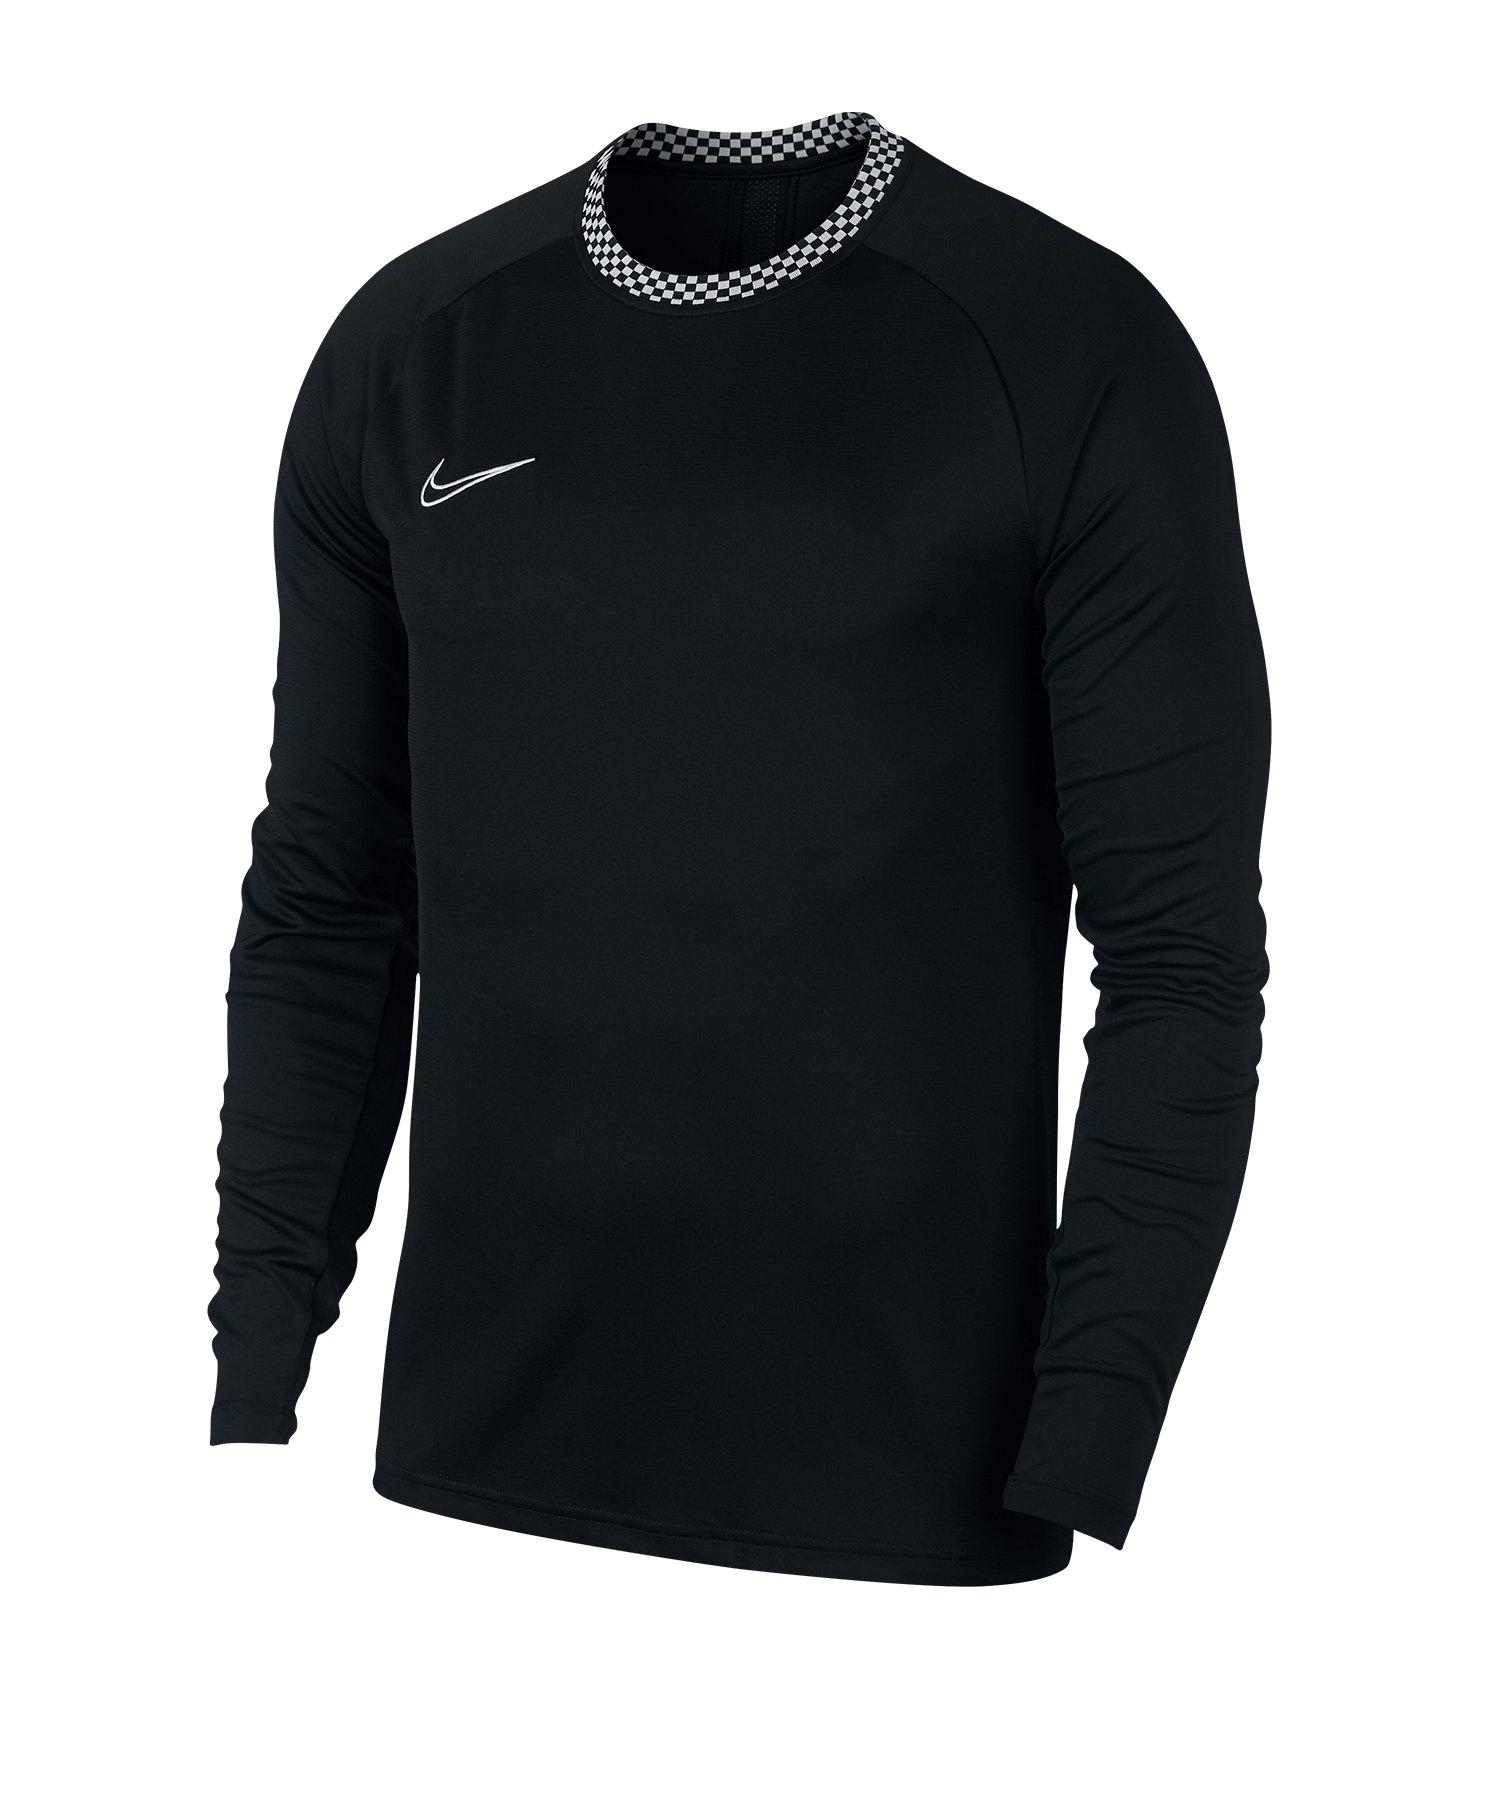 Nike Dri-FIT Academy Sweatshirt Schwarz F010 - Schwarz